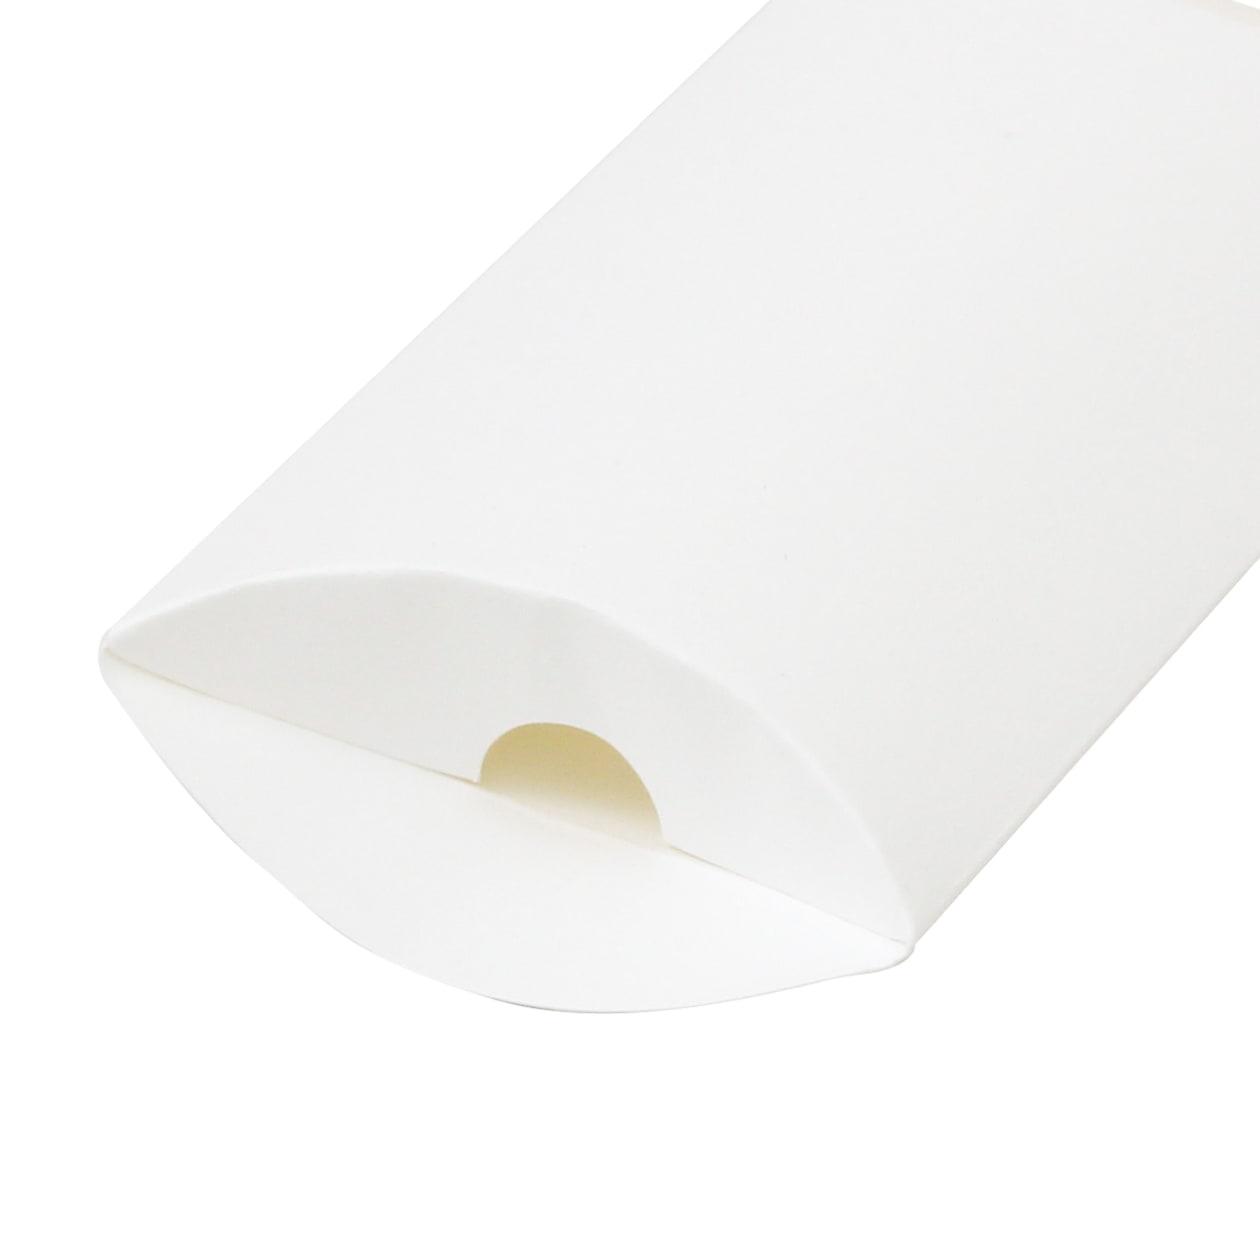 ピローケース75×115×20 コットン スノーホワイト 232.8g